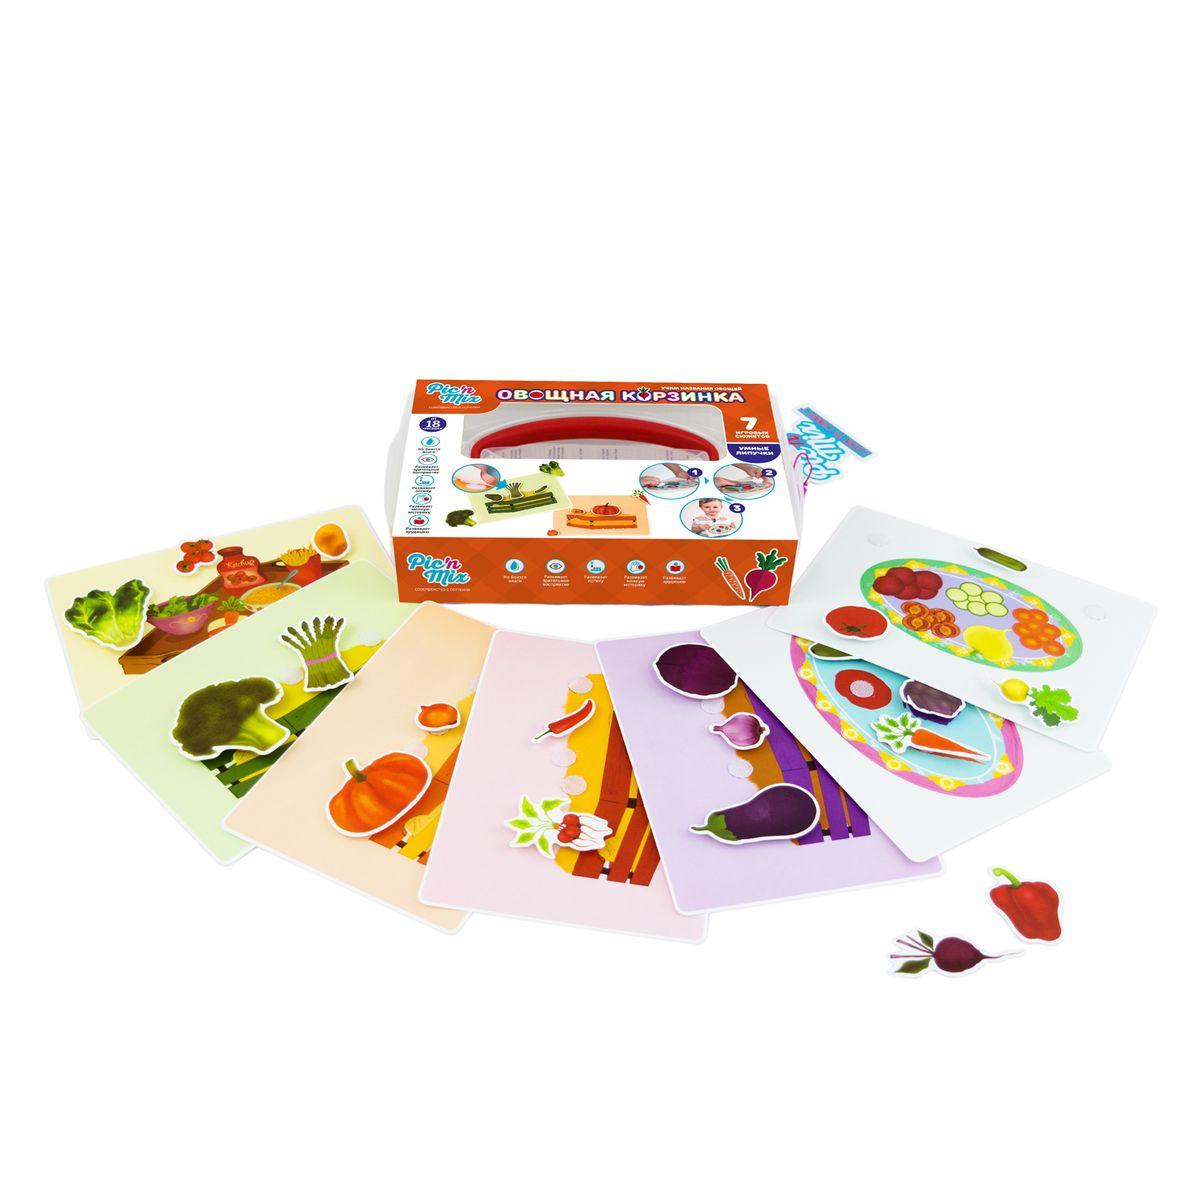 Pic&Mix Игра настольная развивающая Овощная корзинка112030Обучающая игра пазл-липучка состоит из 7 игровых полей, заполняя которые, ребенок изучает названия овощей, их отличительные свойства и цвета, также ребенок узнаёт какие блюда готовят из овощей. Развивает следующие навыки: логическое мышление; восприятие формы и цвета; зрительную память; речевое общение; мелкую моторику рук.